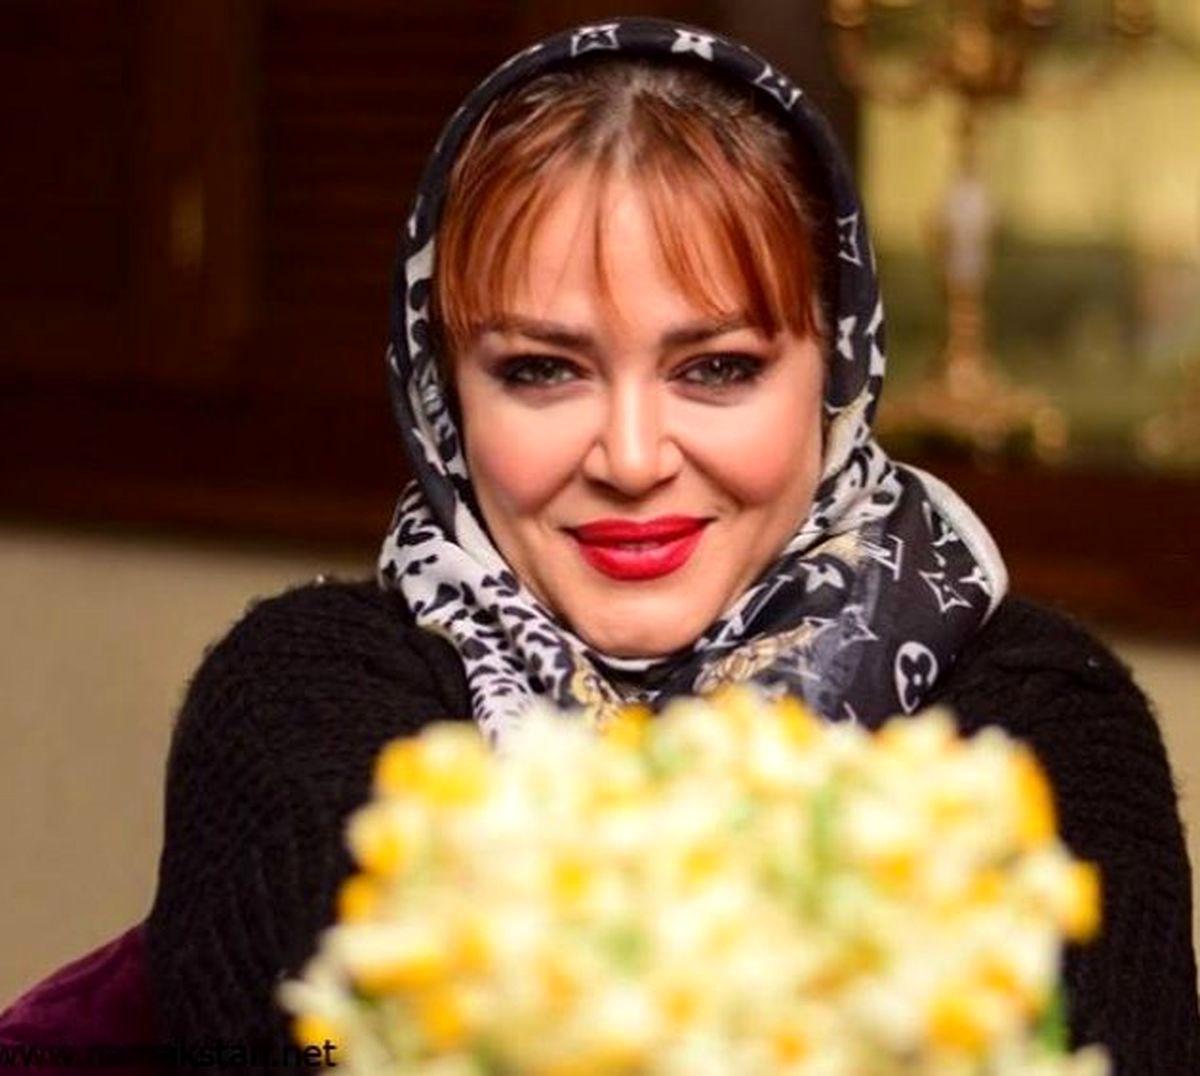 ژست بچگانه بهاره رهنما در آشپزخانه خانه اش   عکس بهاره رهنما و حاجی